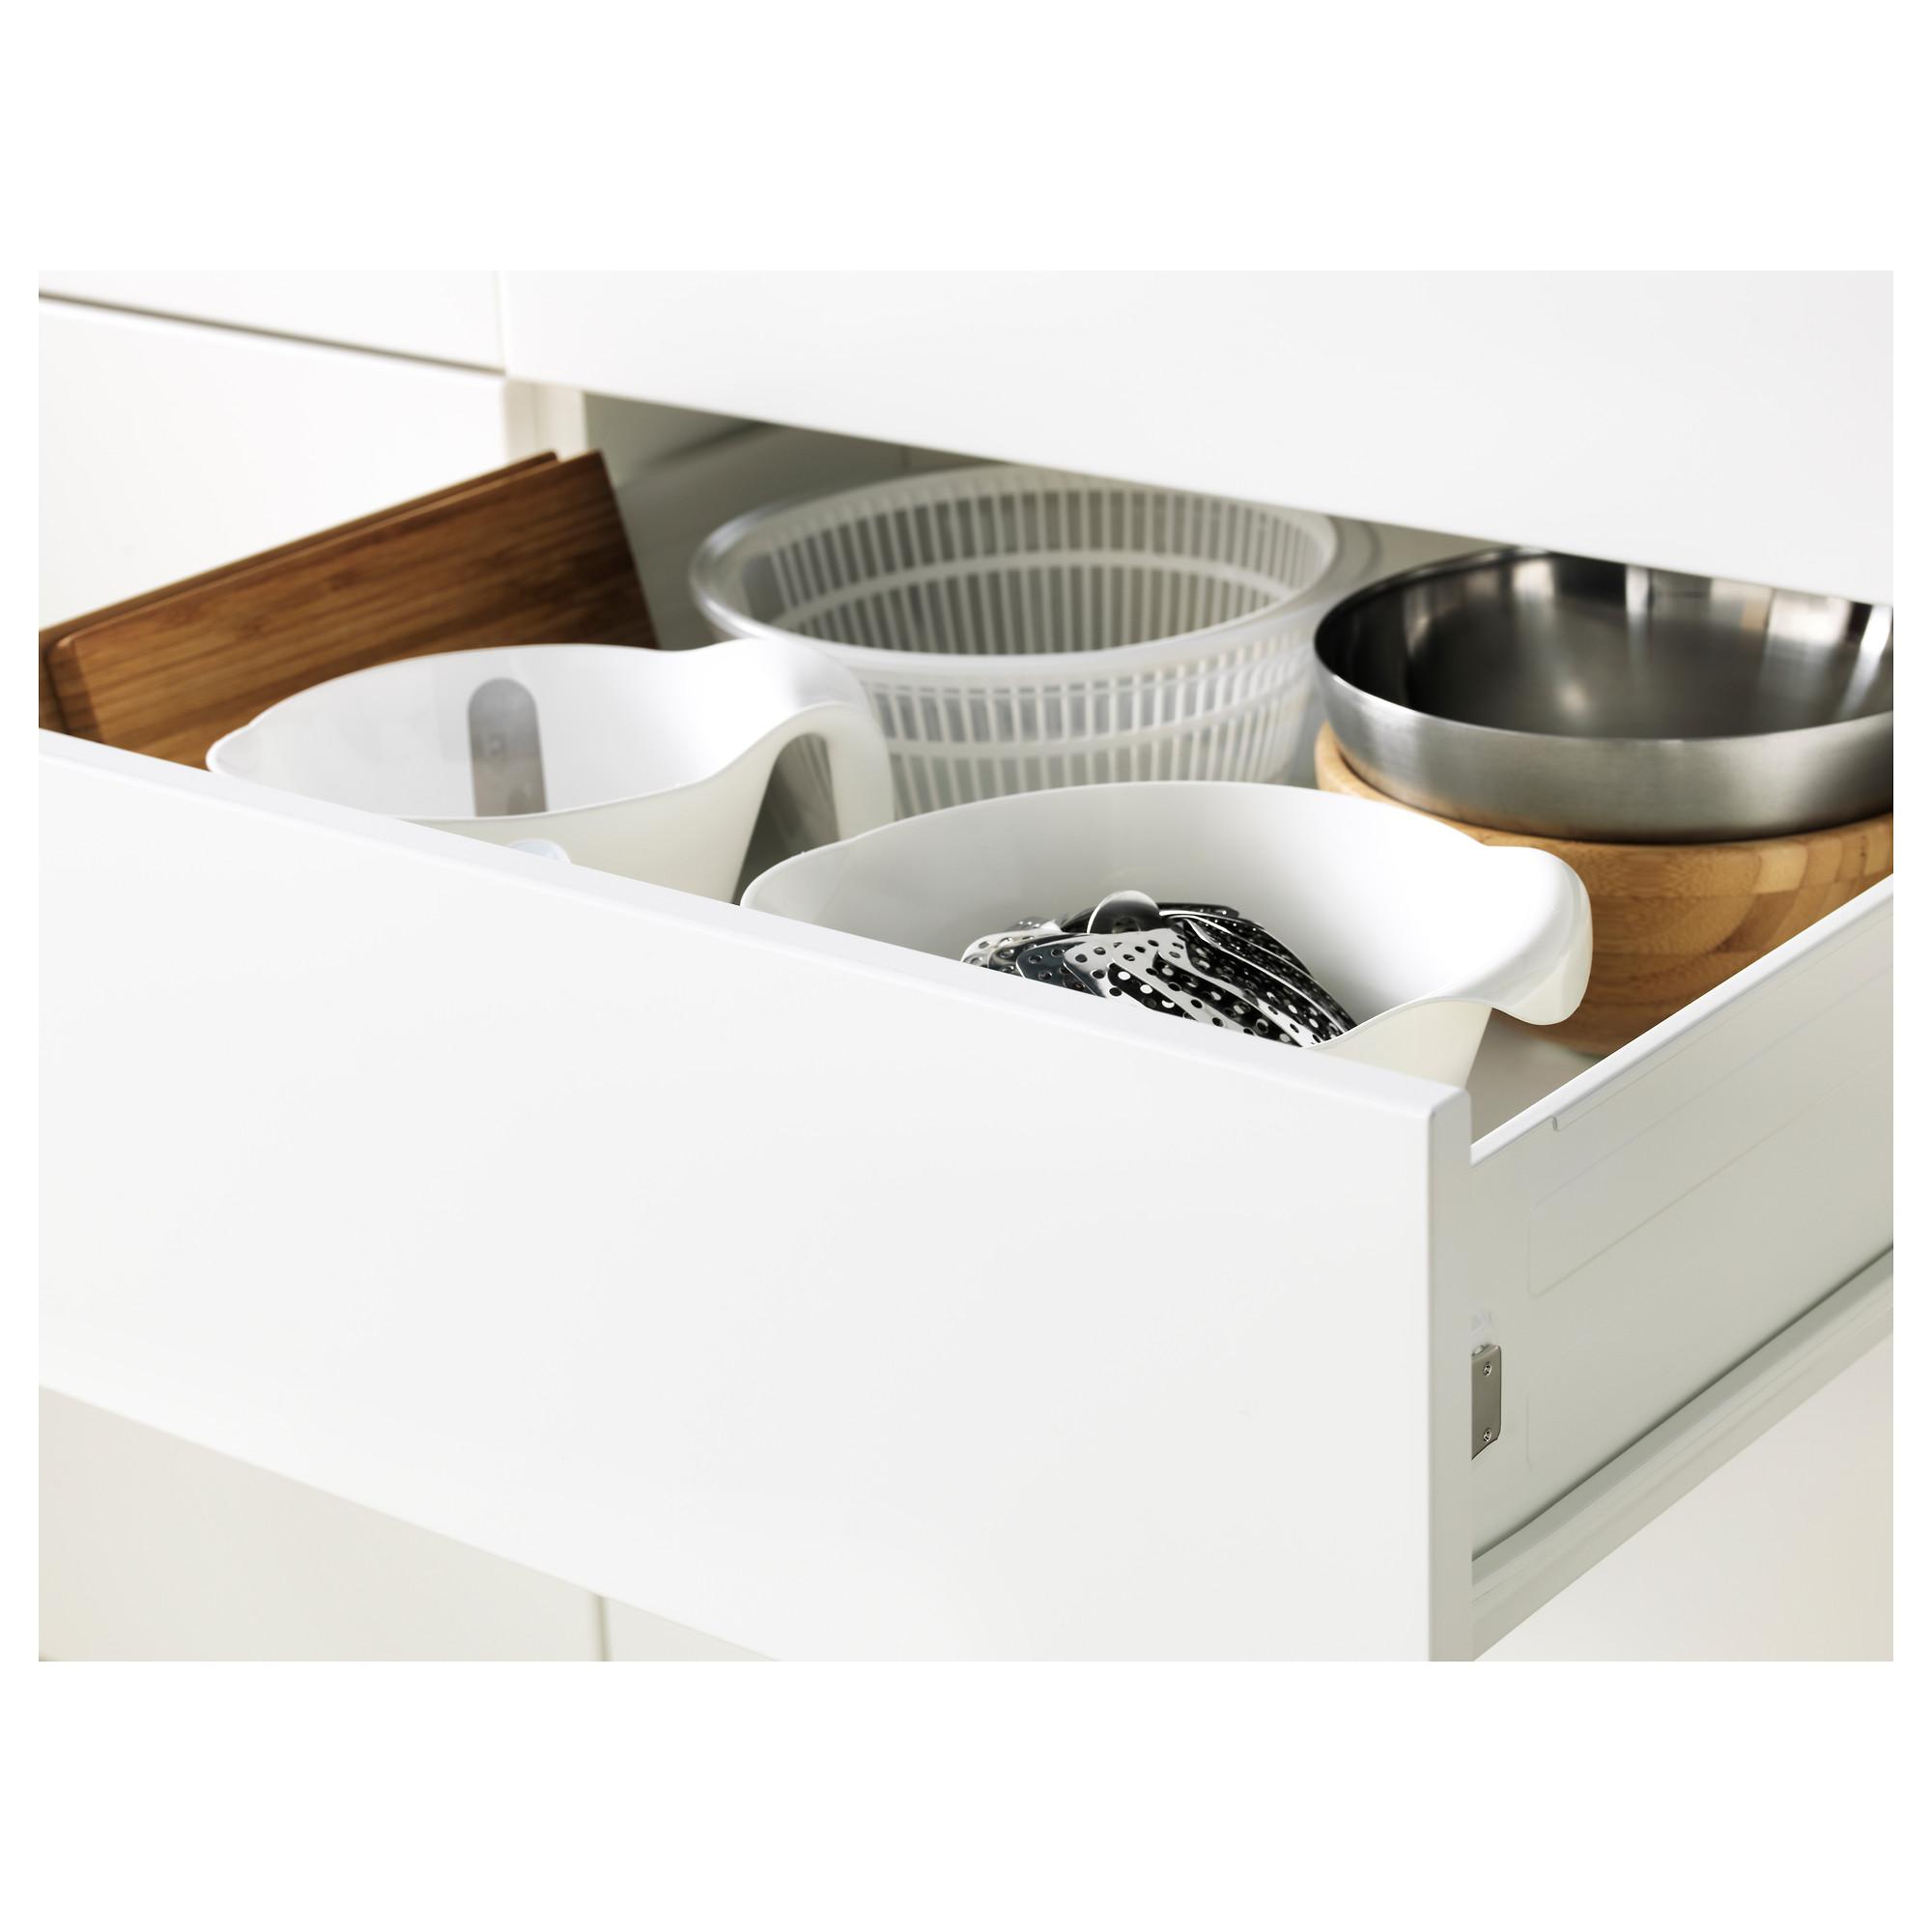 Высокий шкаф для духовки, дверца, 4 ящика МЕТОД / ФОРВАРА черный артикуль № 992.674.39 в наличии. Онлайн сайт ИКЕА РБ. Недорогая доставка и монтаж.